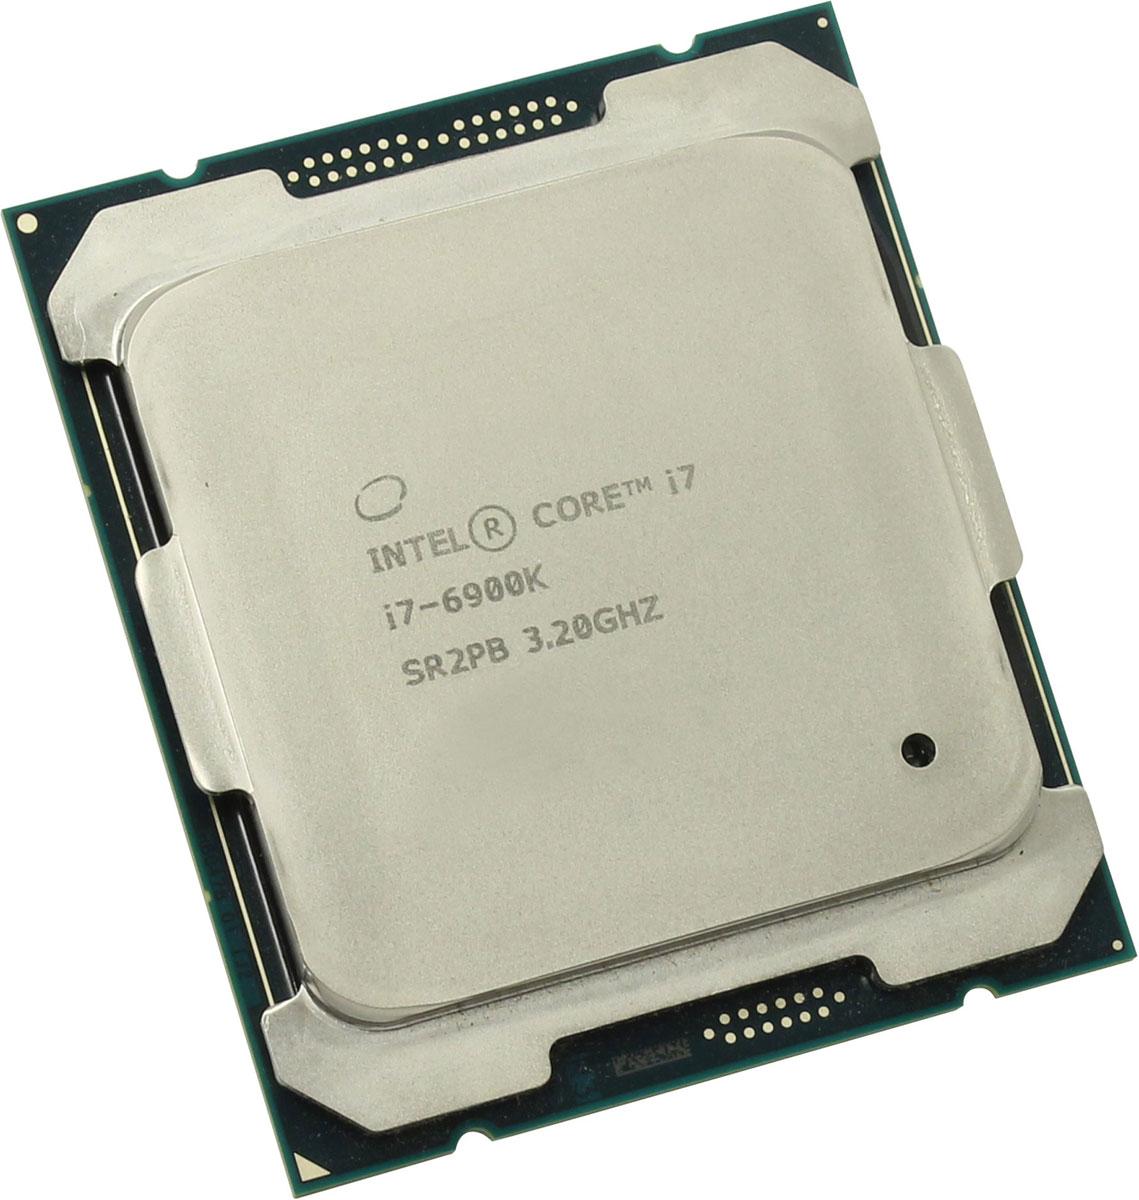 Intel Core i7-6900K процессор373951Процессор Intel Core i7-6900K обеспечит высокую производительность системы, когда это необходимо, благодаря автоматической подстройке частоты.Данная модель построена на архитектуре Broadwell и оснащена сокетом LGA 2011. Базовая частота этого 8-ядерного процессора составляет 3200 МГц, при серьезных нагрузках активируется турбо-режим и частота повышается до 3700 МГц.Intel Core i7-6900K поддерживает оперативную память типа DDR4 объемом до 128 ГБ с пропускной способностью 76.8 Гбайт/с. Используется системная шина DMI 2.0 и встроенный контроллер PCI-E 3.0 с 40 линиями. Процессор поддерживает 64-битный набор команд EM64T. Используется энергосберегающая технология Enhanced SpeedStep. Показатель тепловыделения (TDP) составляет 140 Вт.Ядро: Broadwell-E